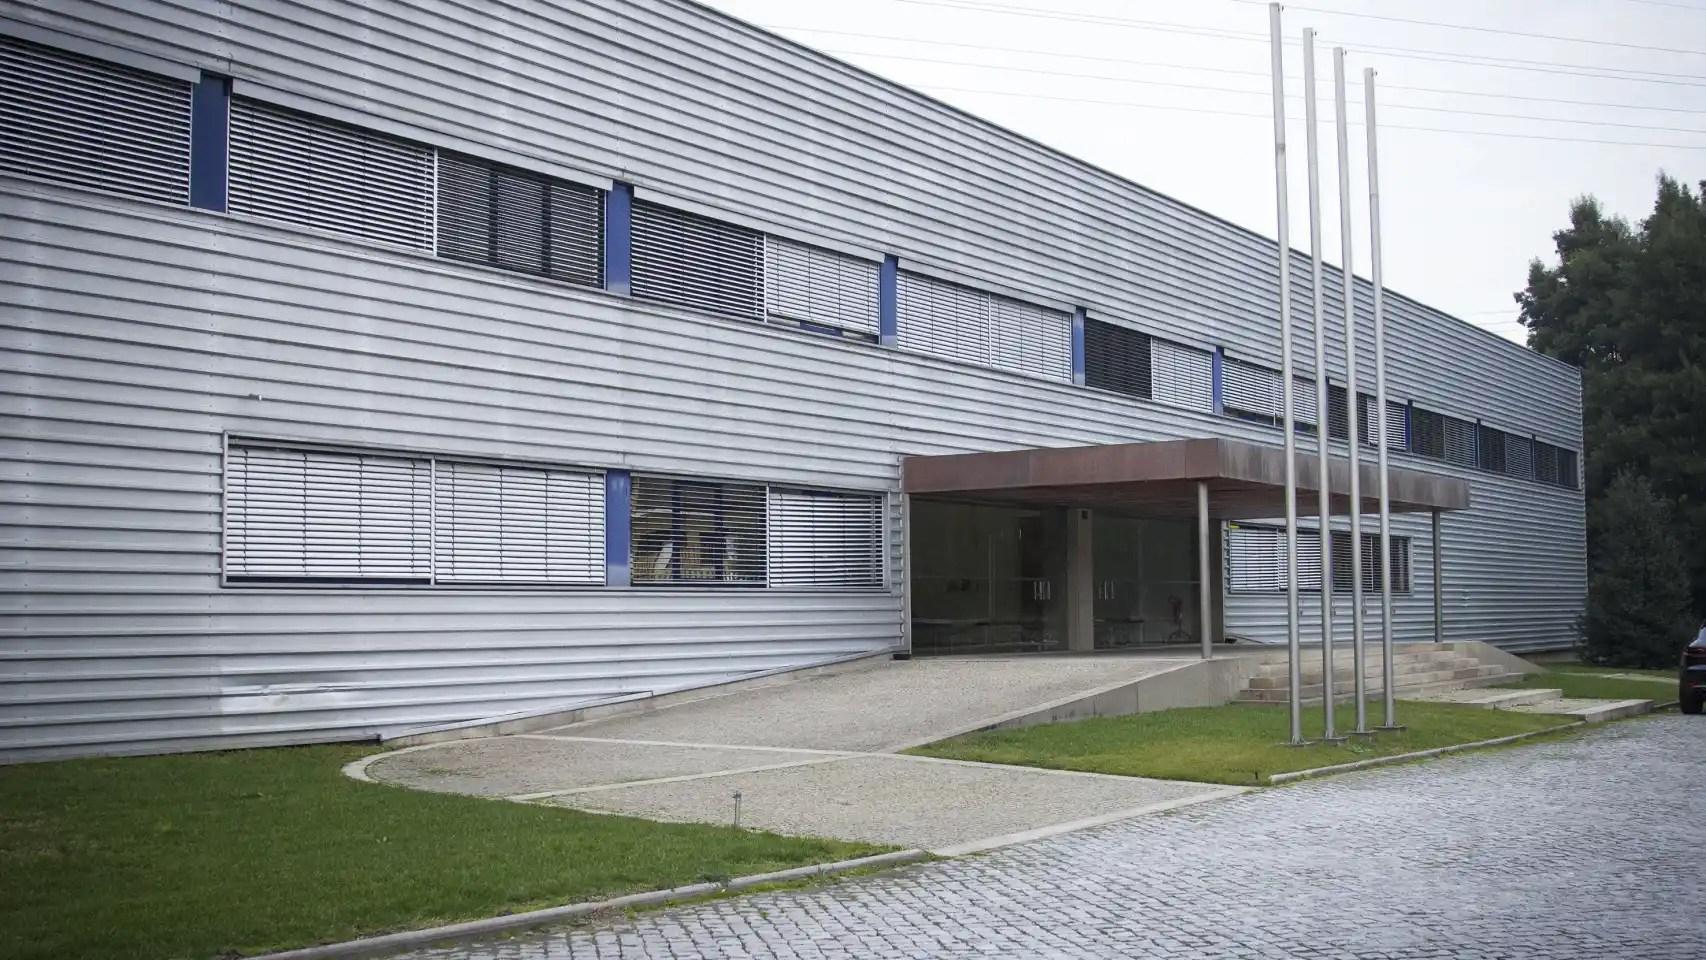 Entrada de la fábrica de Crispim Abreu en Serzedelo, Guimarães.